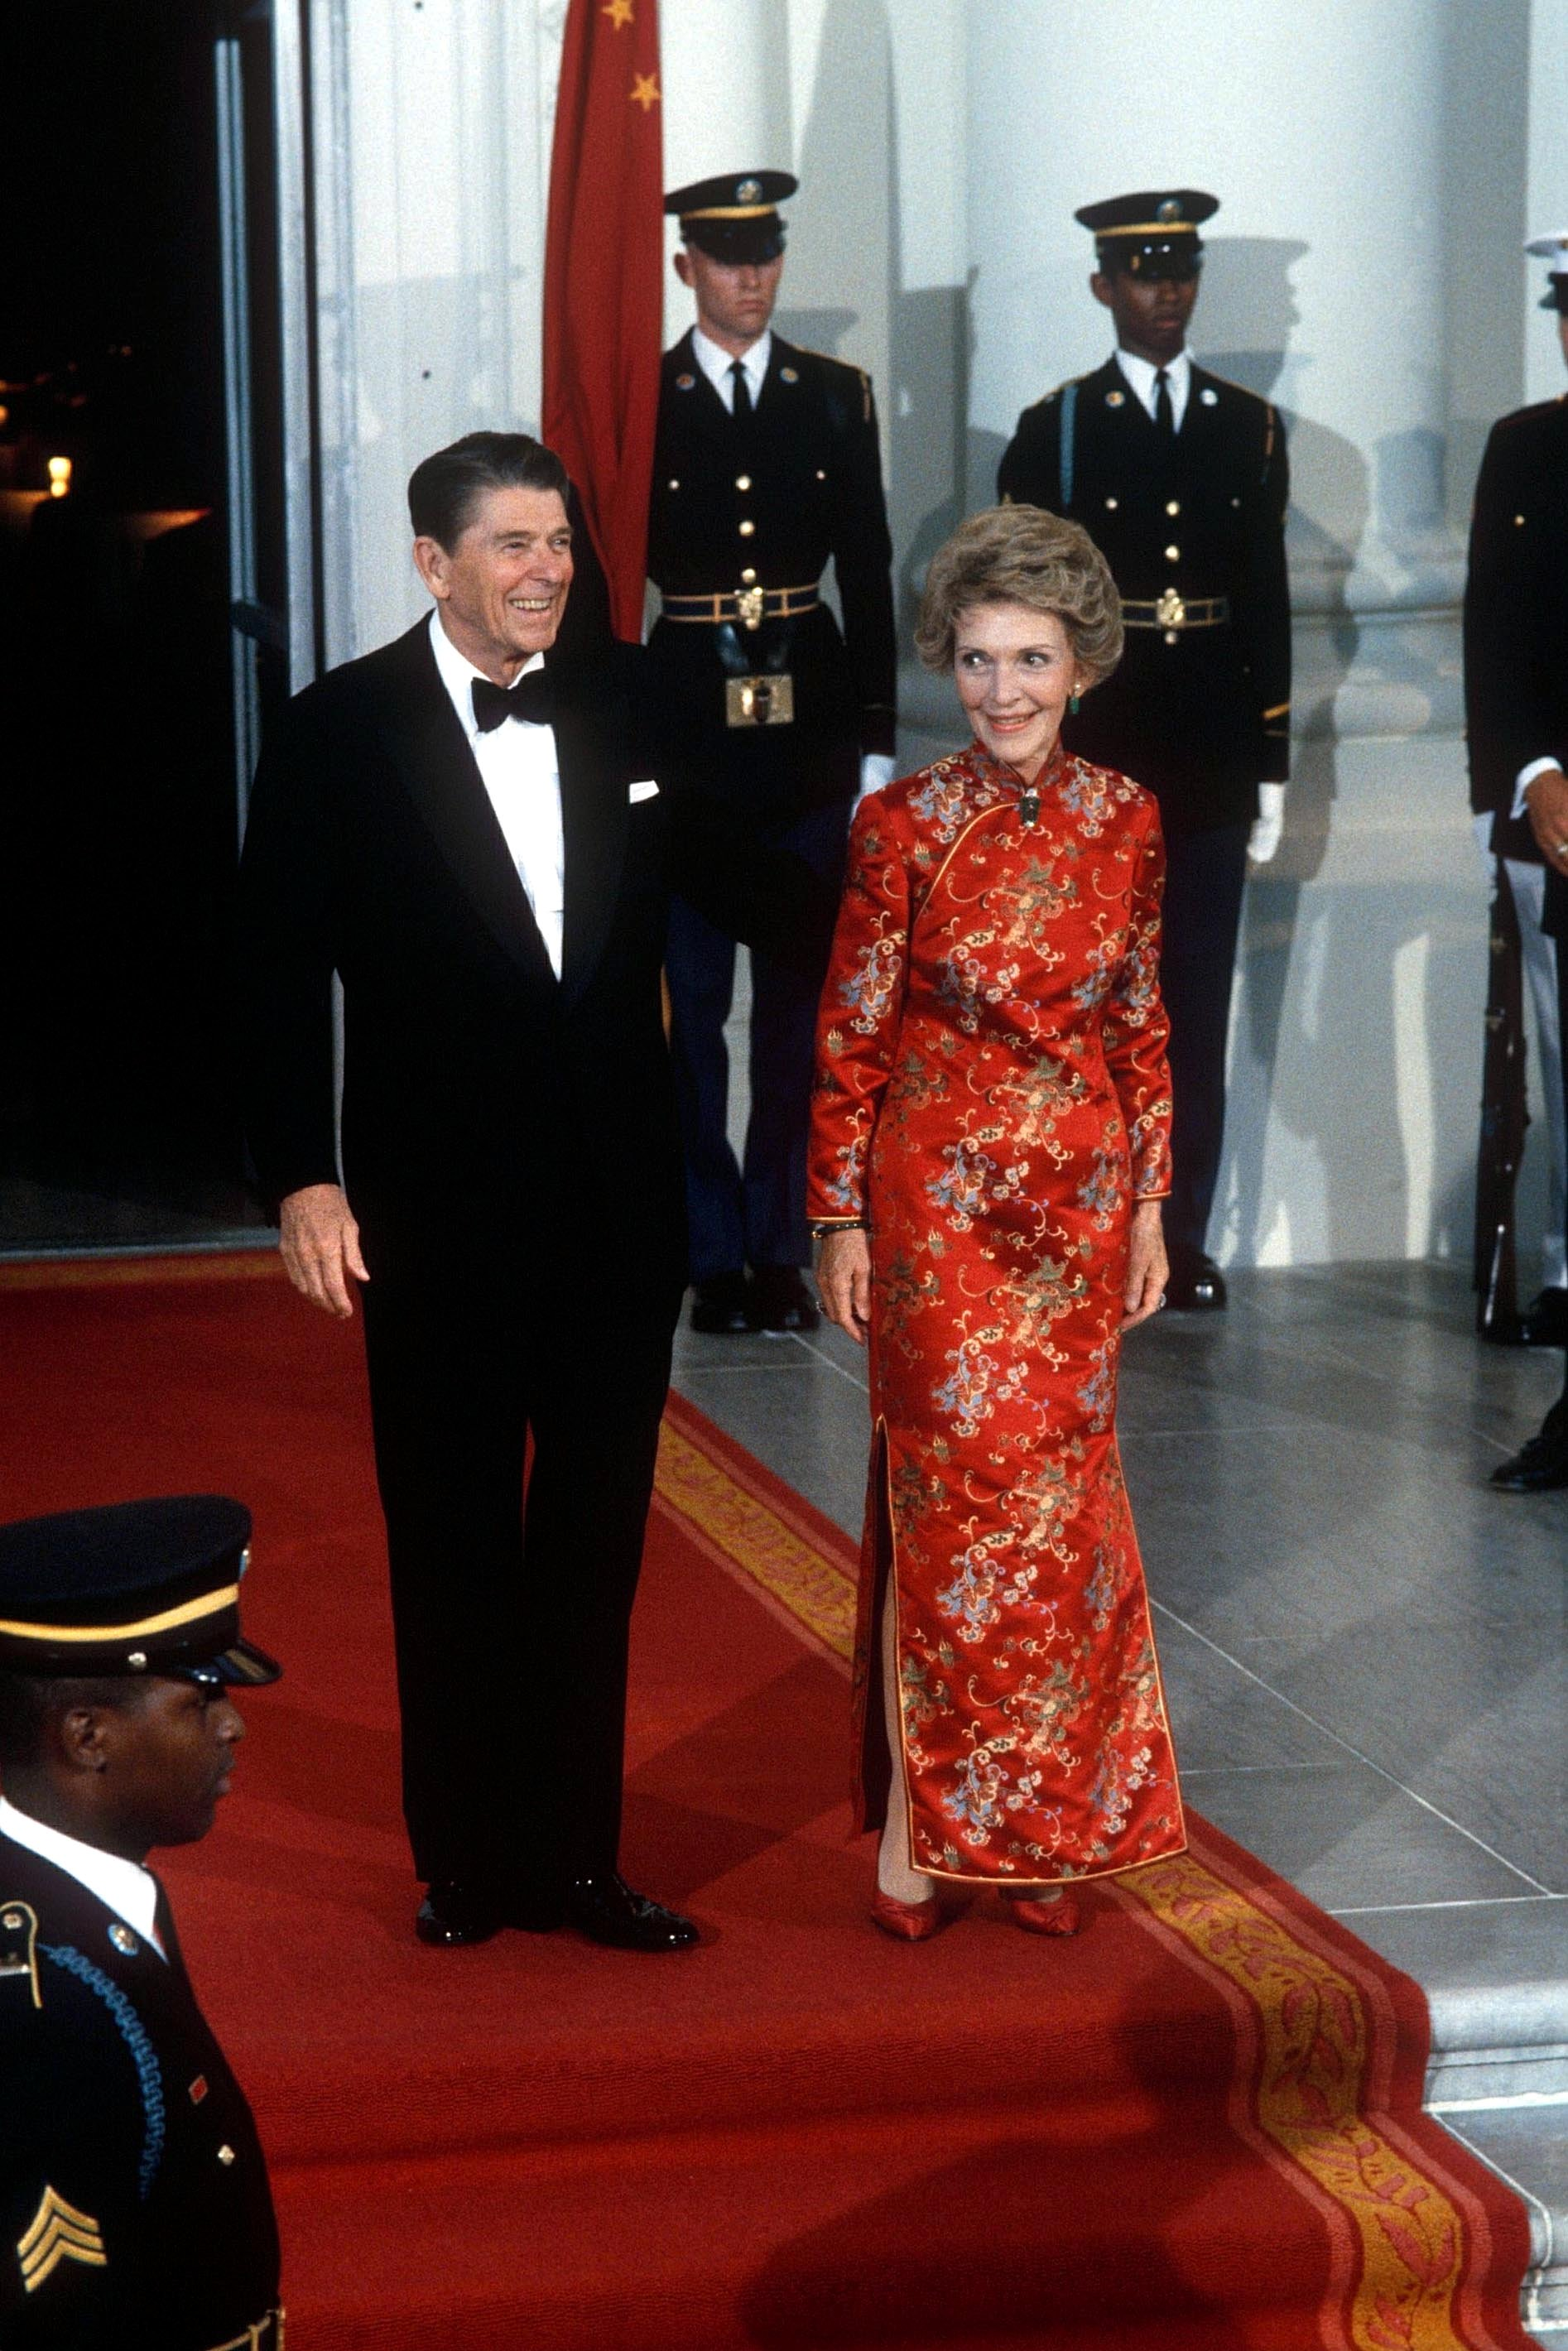 Ronald and Nancy Reagan